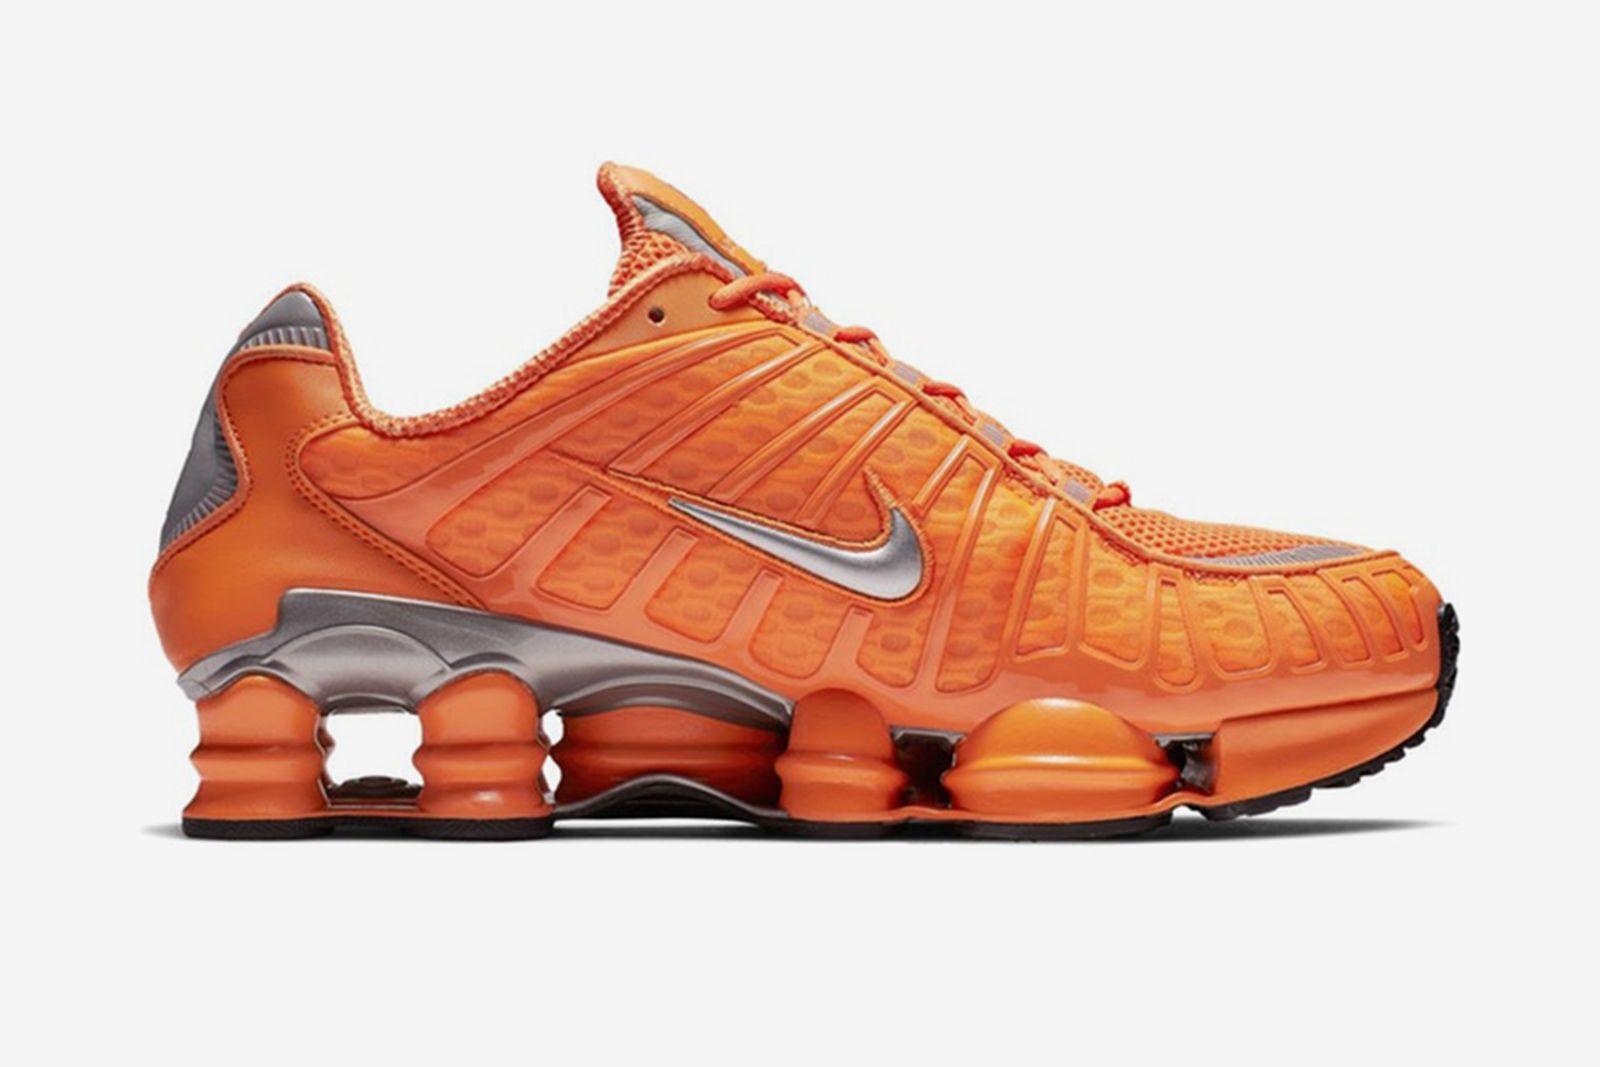 privato navigare Razionalizzazione  Our Favorite Nike Shox Sneakers to Buy Now | Highsnobiety